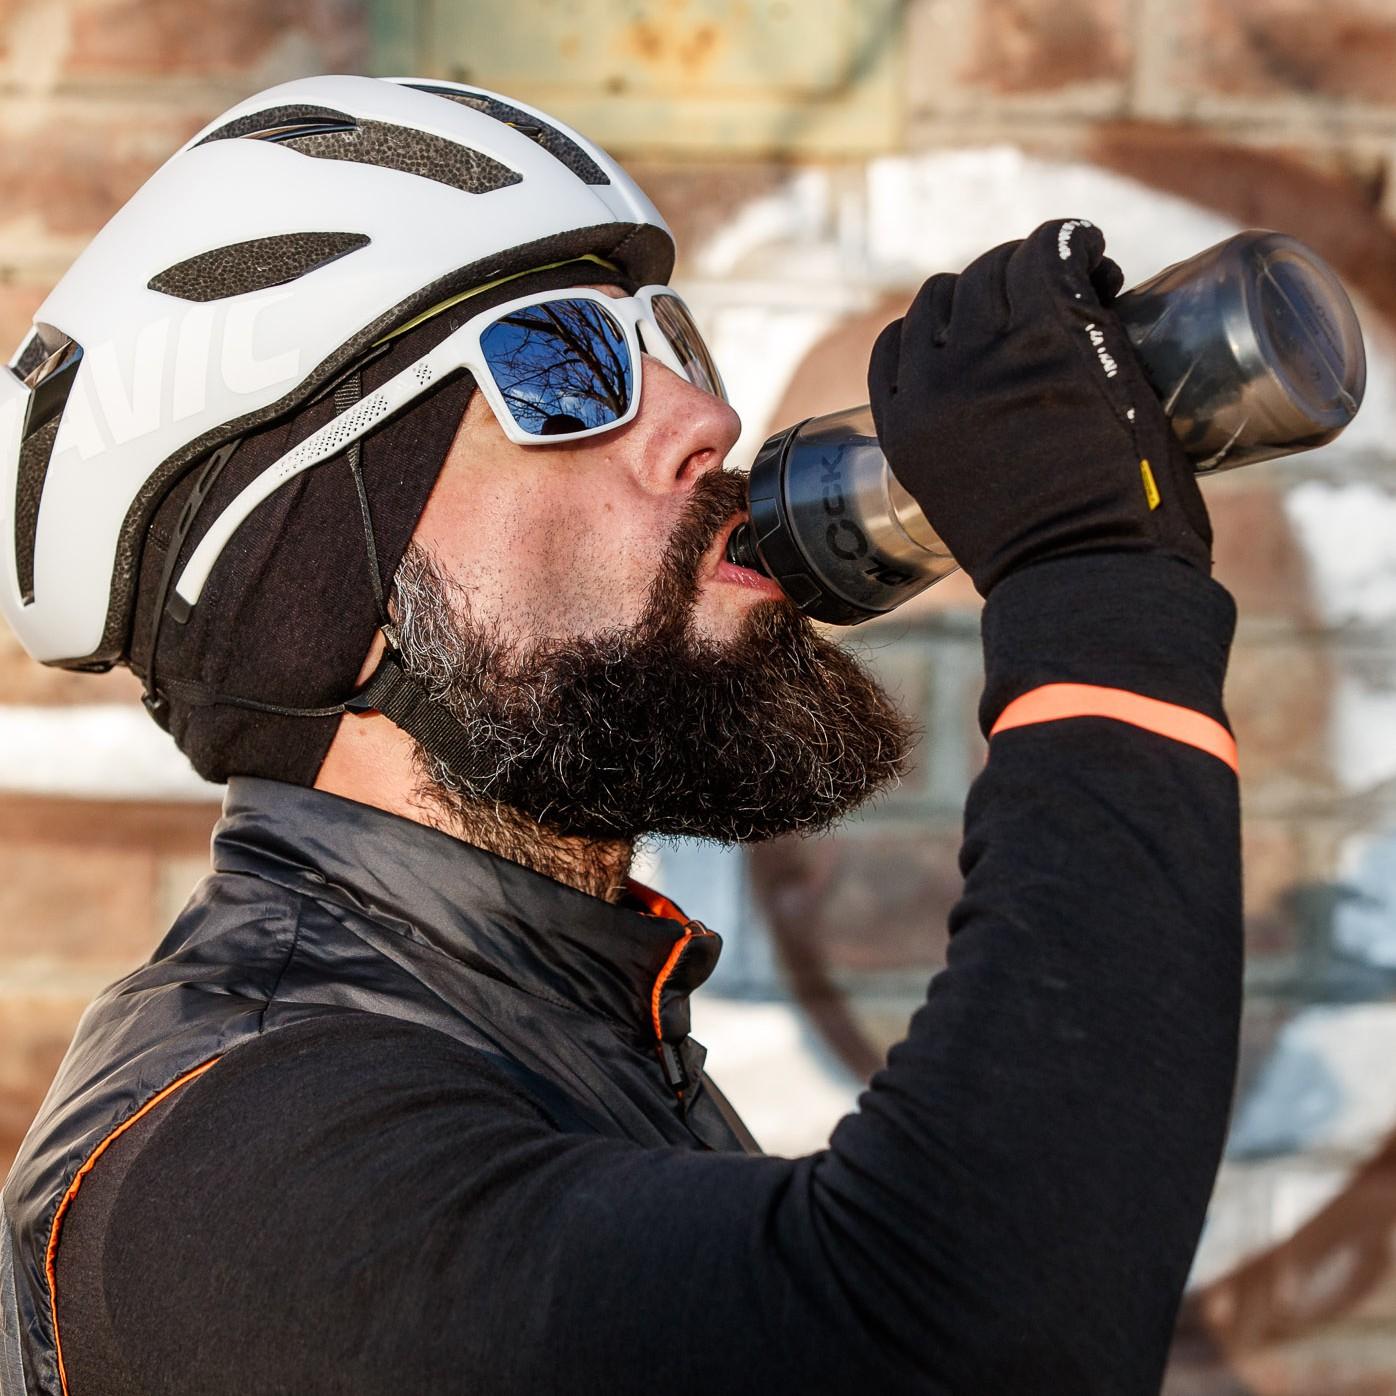 #3 Die Trinkflasche ist BPA-frei und das extra große Mundstück ermöglicht einen großen Wasserdurchfluss. Allerdings geht das Zusammendrücken etwas strenger als gewohnt.